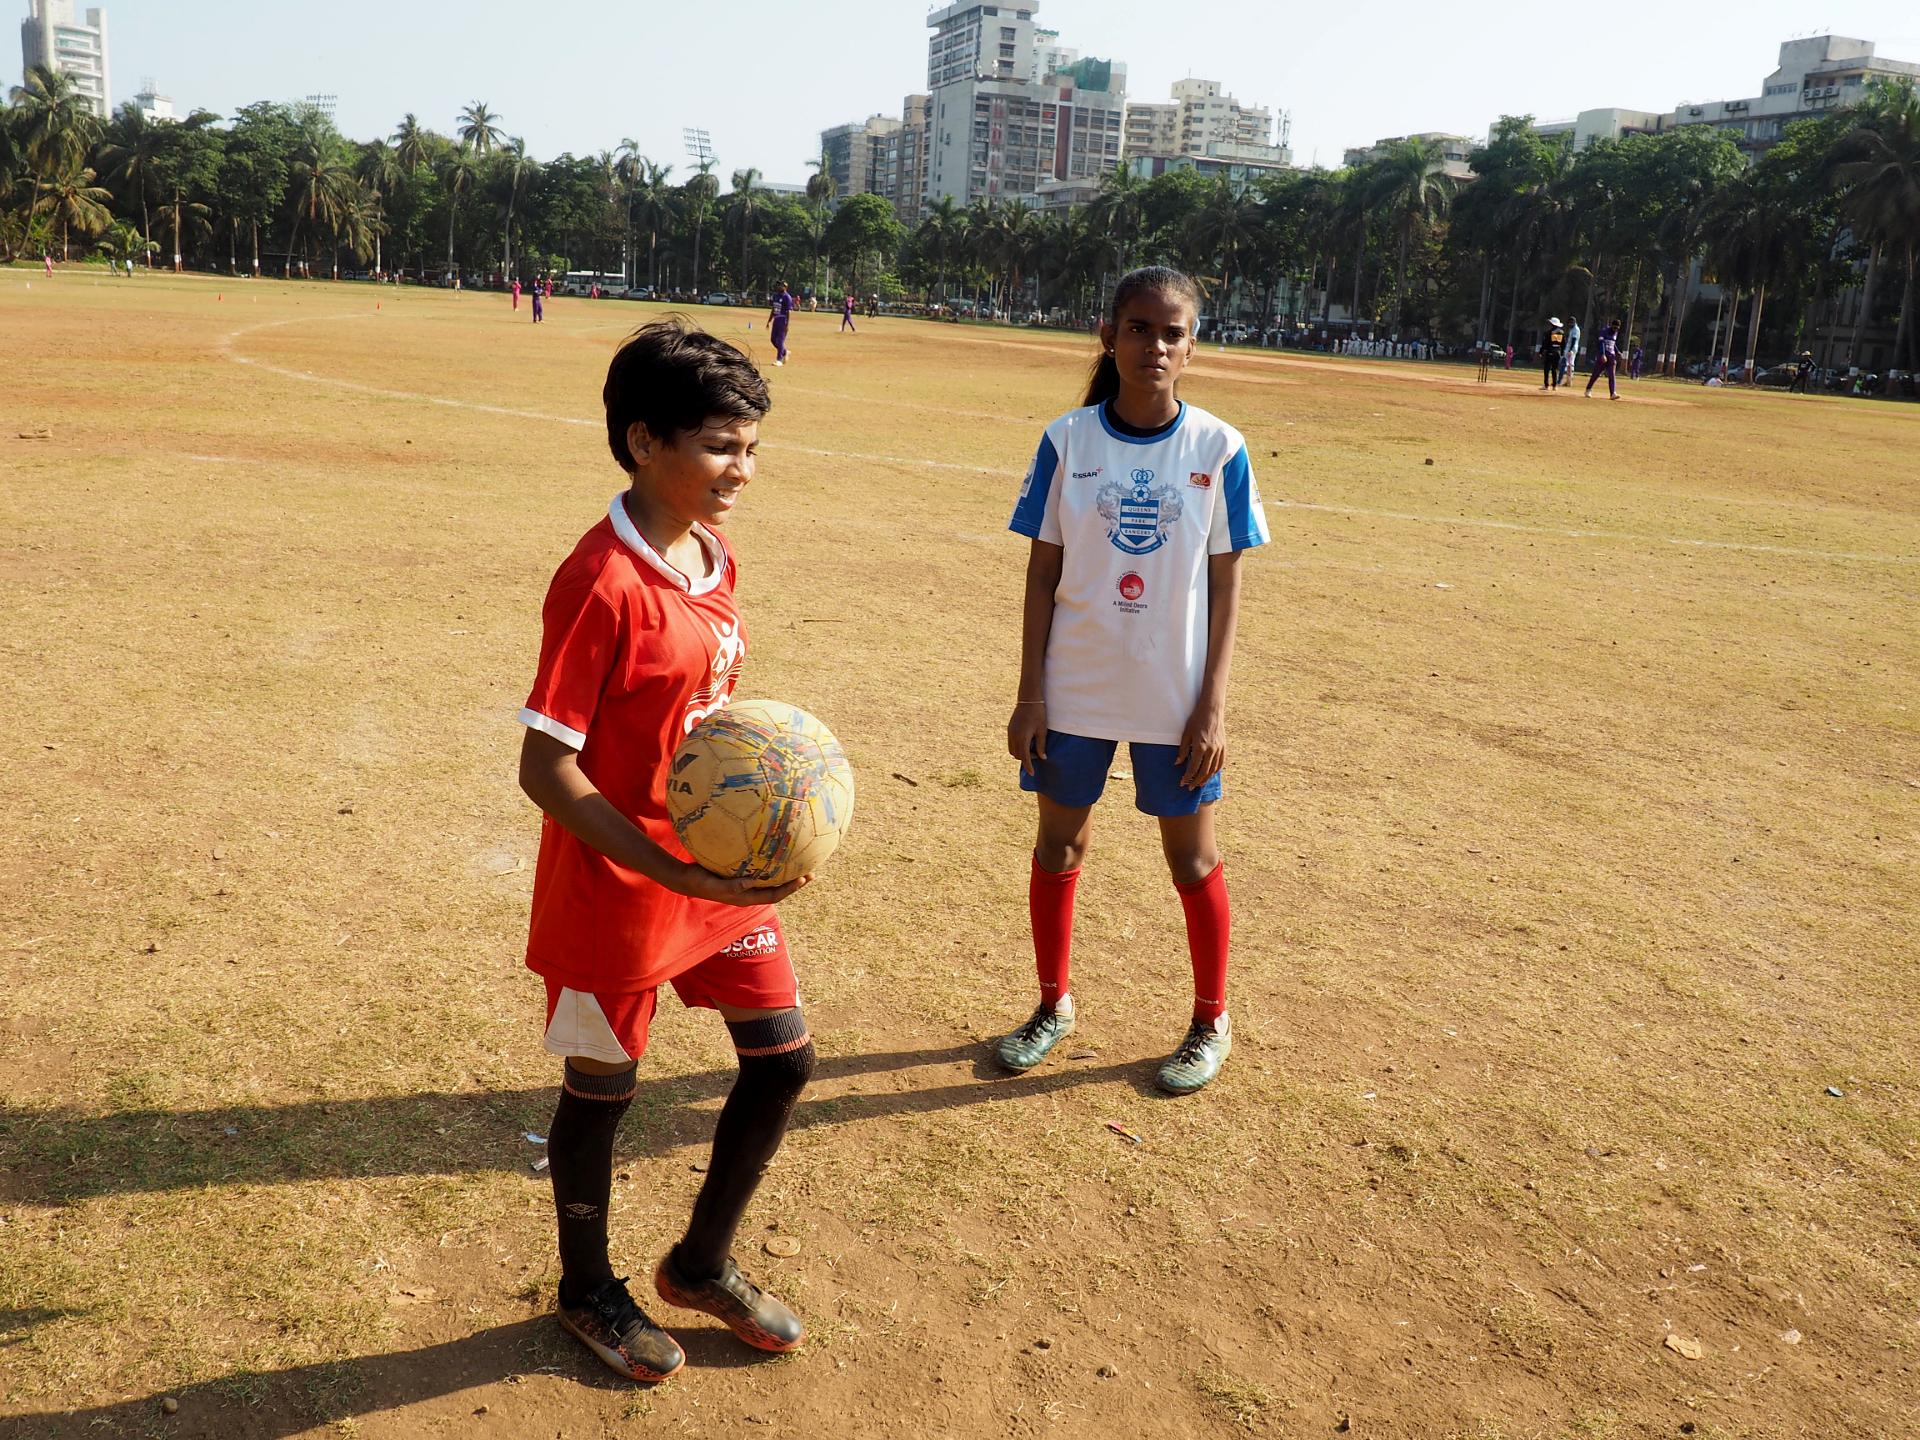 Förut brukade folk inte prata med Mamta Prajapati. Nu är de i stället nyfikna på att prata om fotboll. Foto Karl Sundström